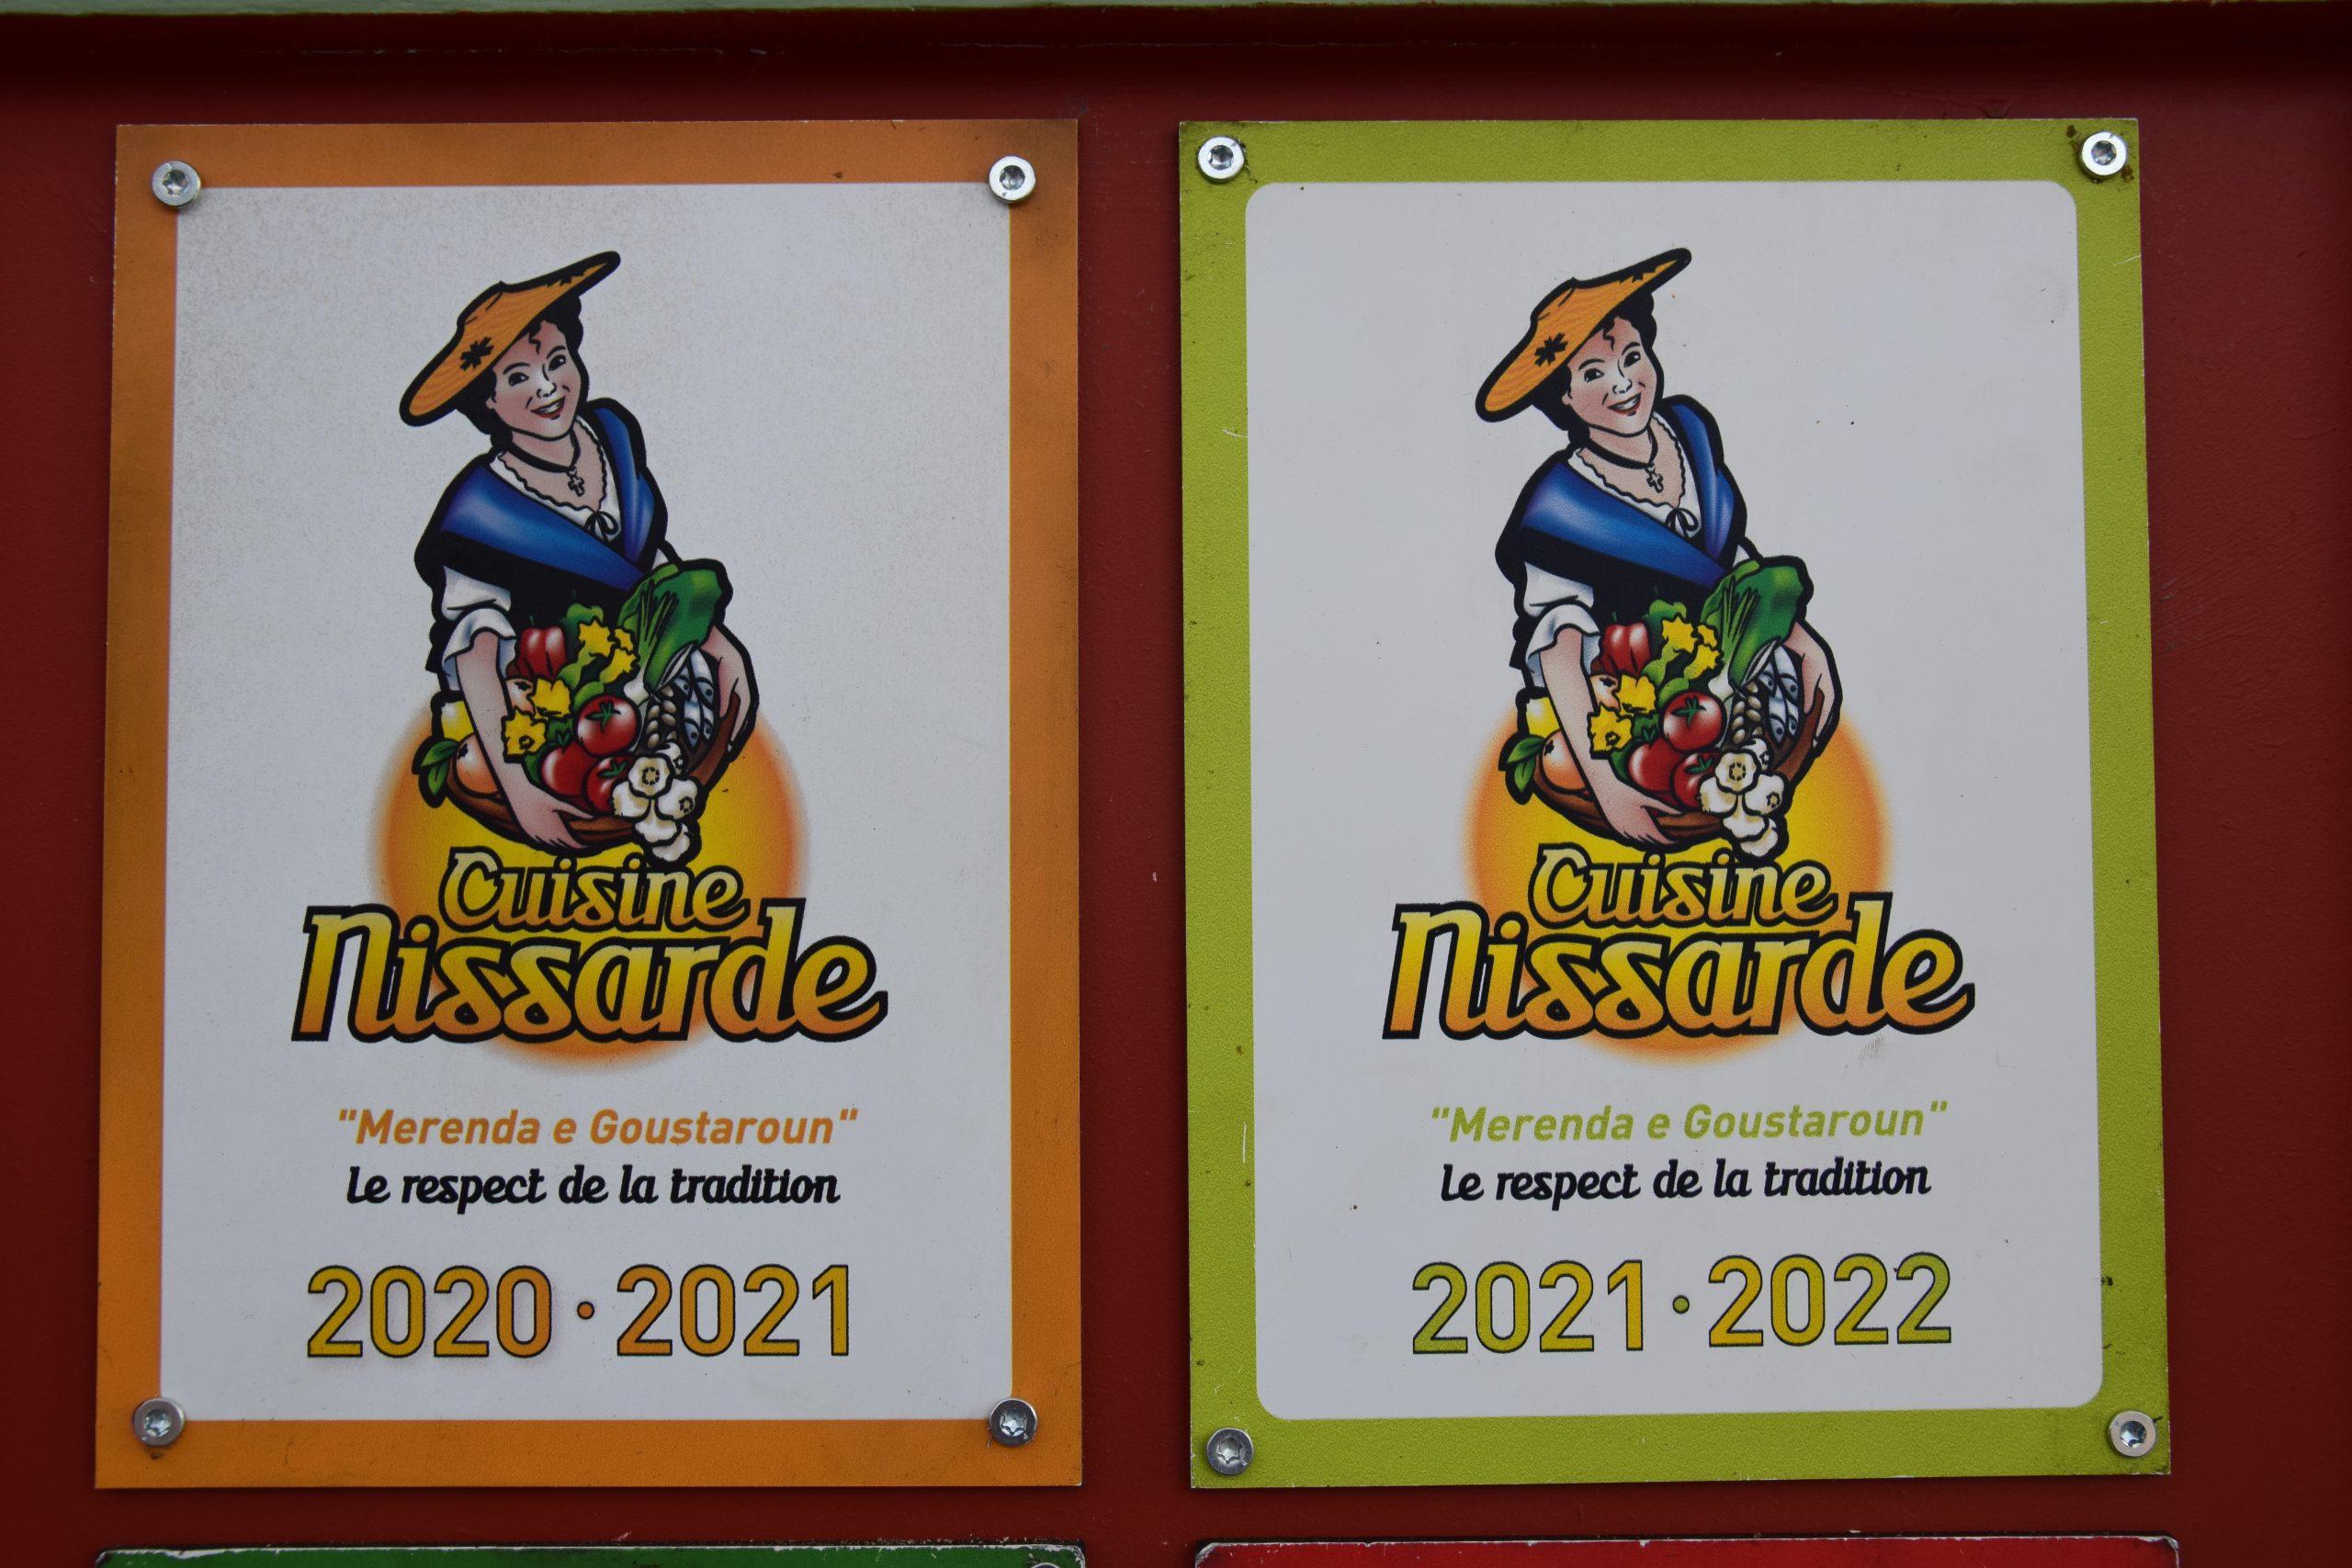 Nizza Il marchio assegnato ai locali che propongono la Cucina Nizzarda